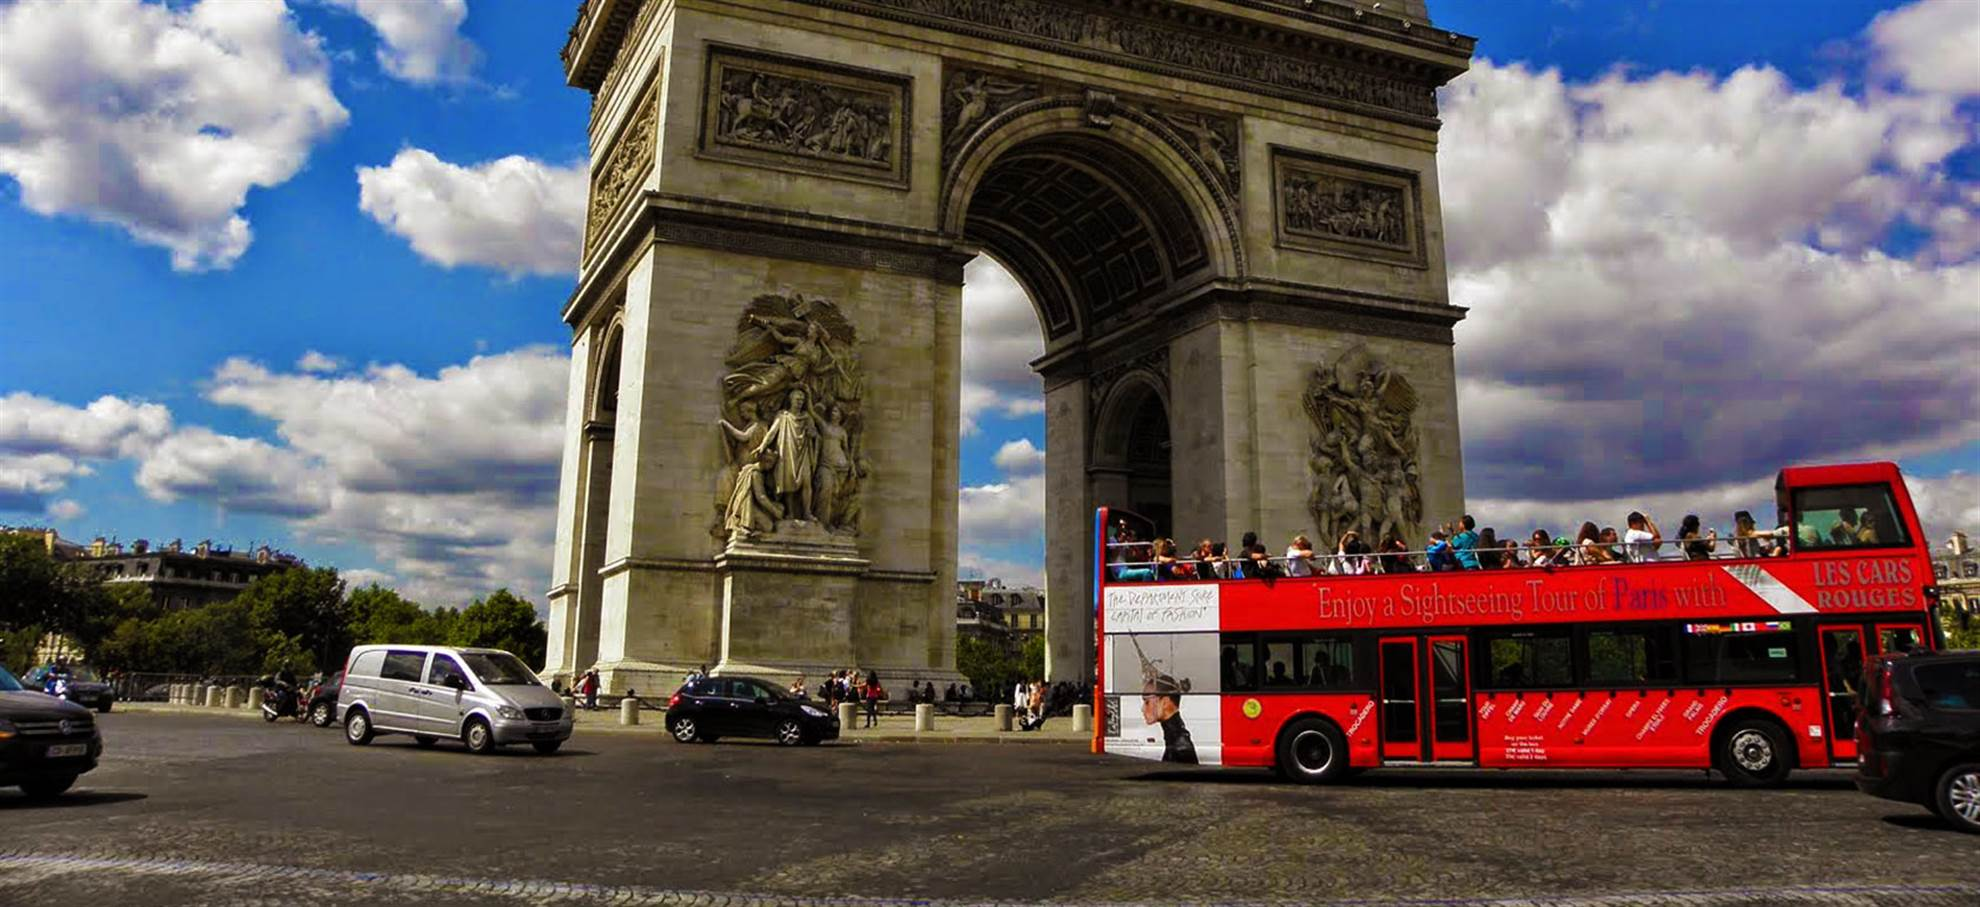 Автобус с остановками по Ницце 1 день